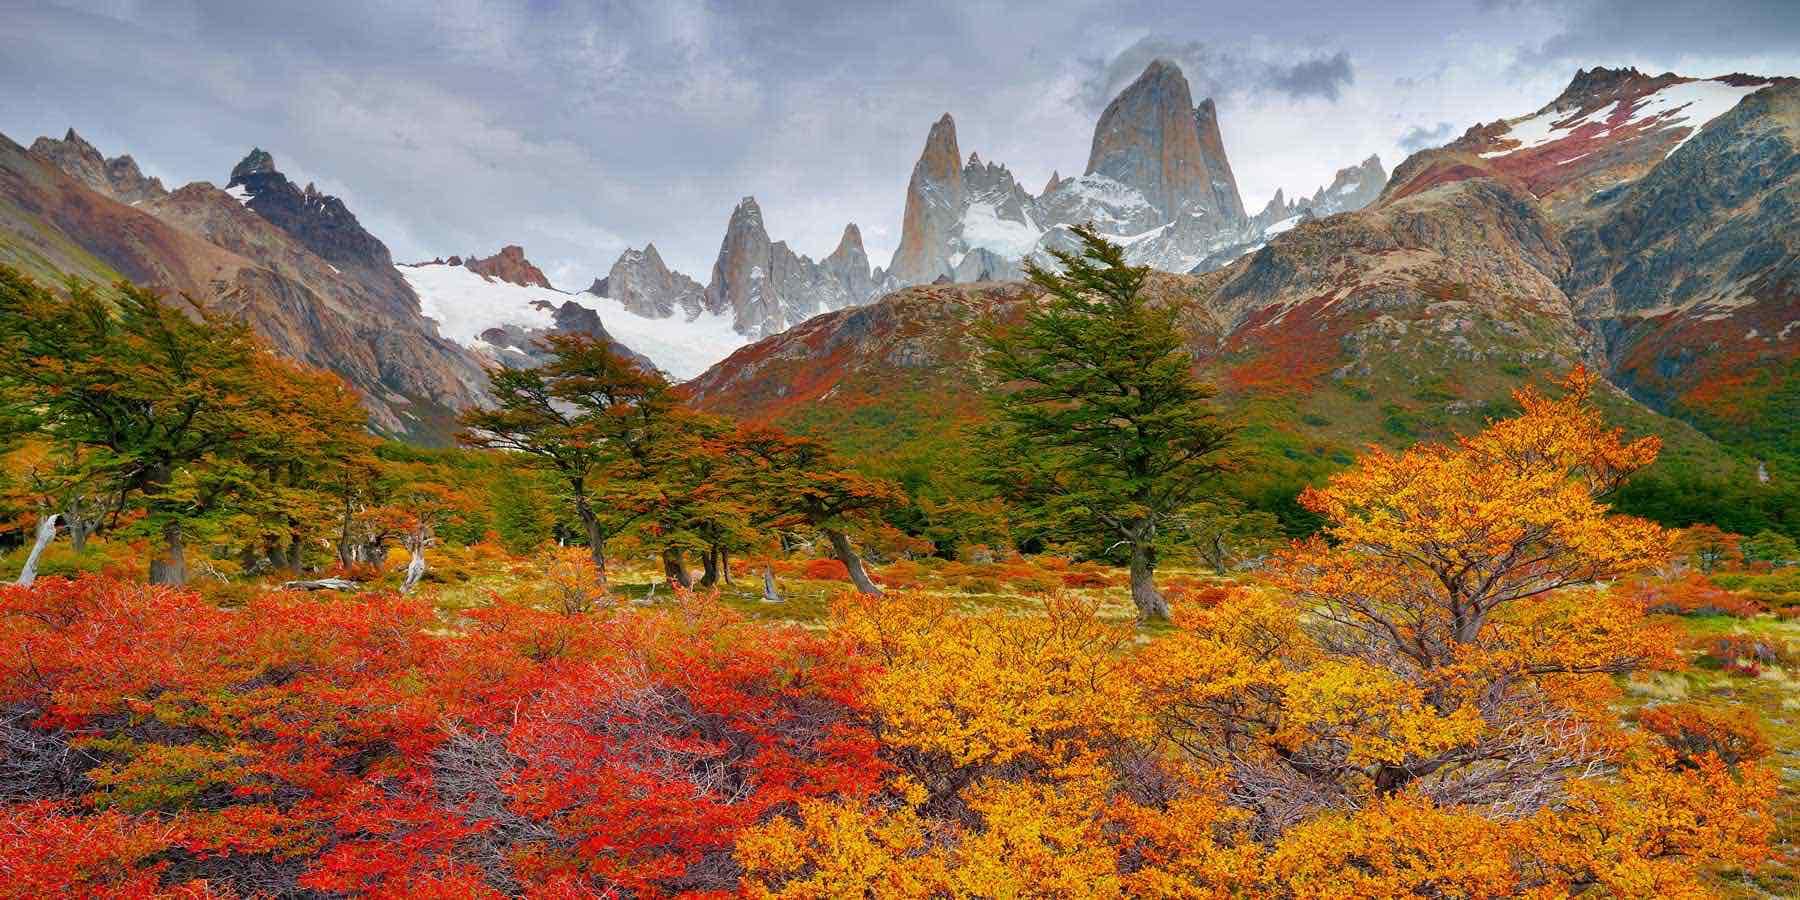 ไปท่องโลกชมมหัศจรรย์สีสันของฤดูใบไม้ร่วงที่ 8 ดินแดนผจญภัยสำหรับขาลุย